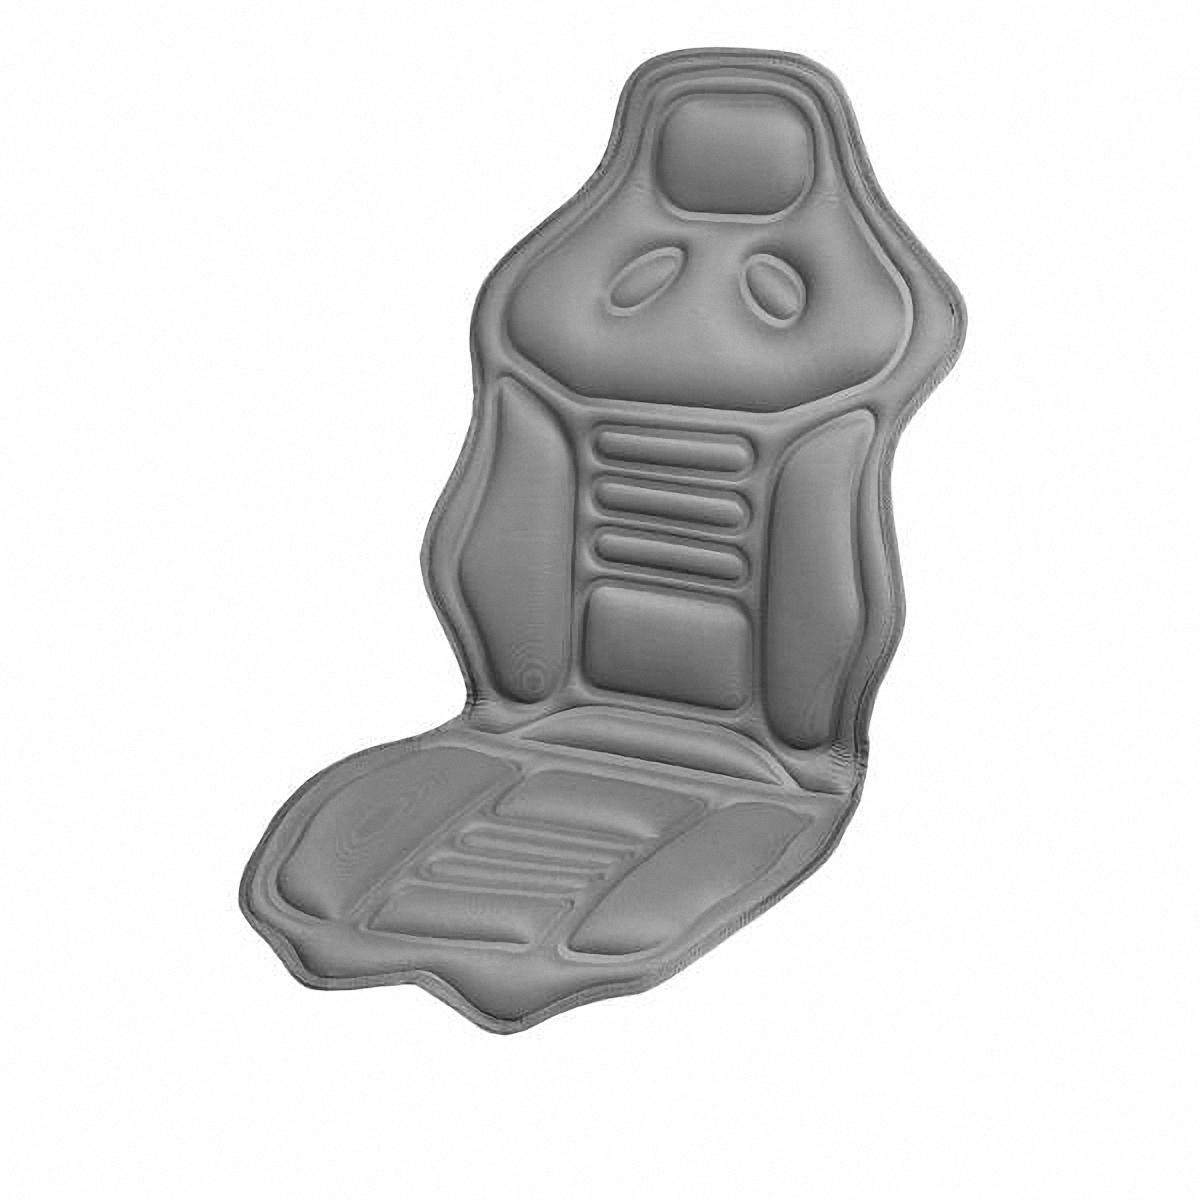 Накидка на сиденье Skyway, массажная, с подогревомS02201015 (Накидка)Массажная накидка на сиденье Skyway с функцией подогрева имеет 2 вида массажа, продолжительный или пульсирующий, 5 режимов интенсивности. Зоны массажа: нижняя и верхняя части спины и бедра. Есть пульт управления и удобный карман для его хранения в нижней части накидки с правой стороны. Функция обогрева предназначена для создания комфортной температуры 37-40 градусов и расположена в поясничной зоне. Оснащена предохранителем, который в случае нежелательного перепада напряжения защитит изделие и бортовую сеть автомобиля. Накидка подходит для всех размеров сидений. Напряжение: 12В. Количество режимов массажа: 5. Количество скоростей: 3. Температура подогрева: 37-40°C.